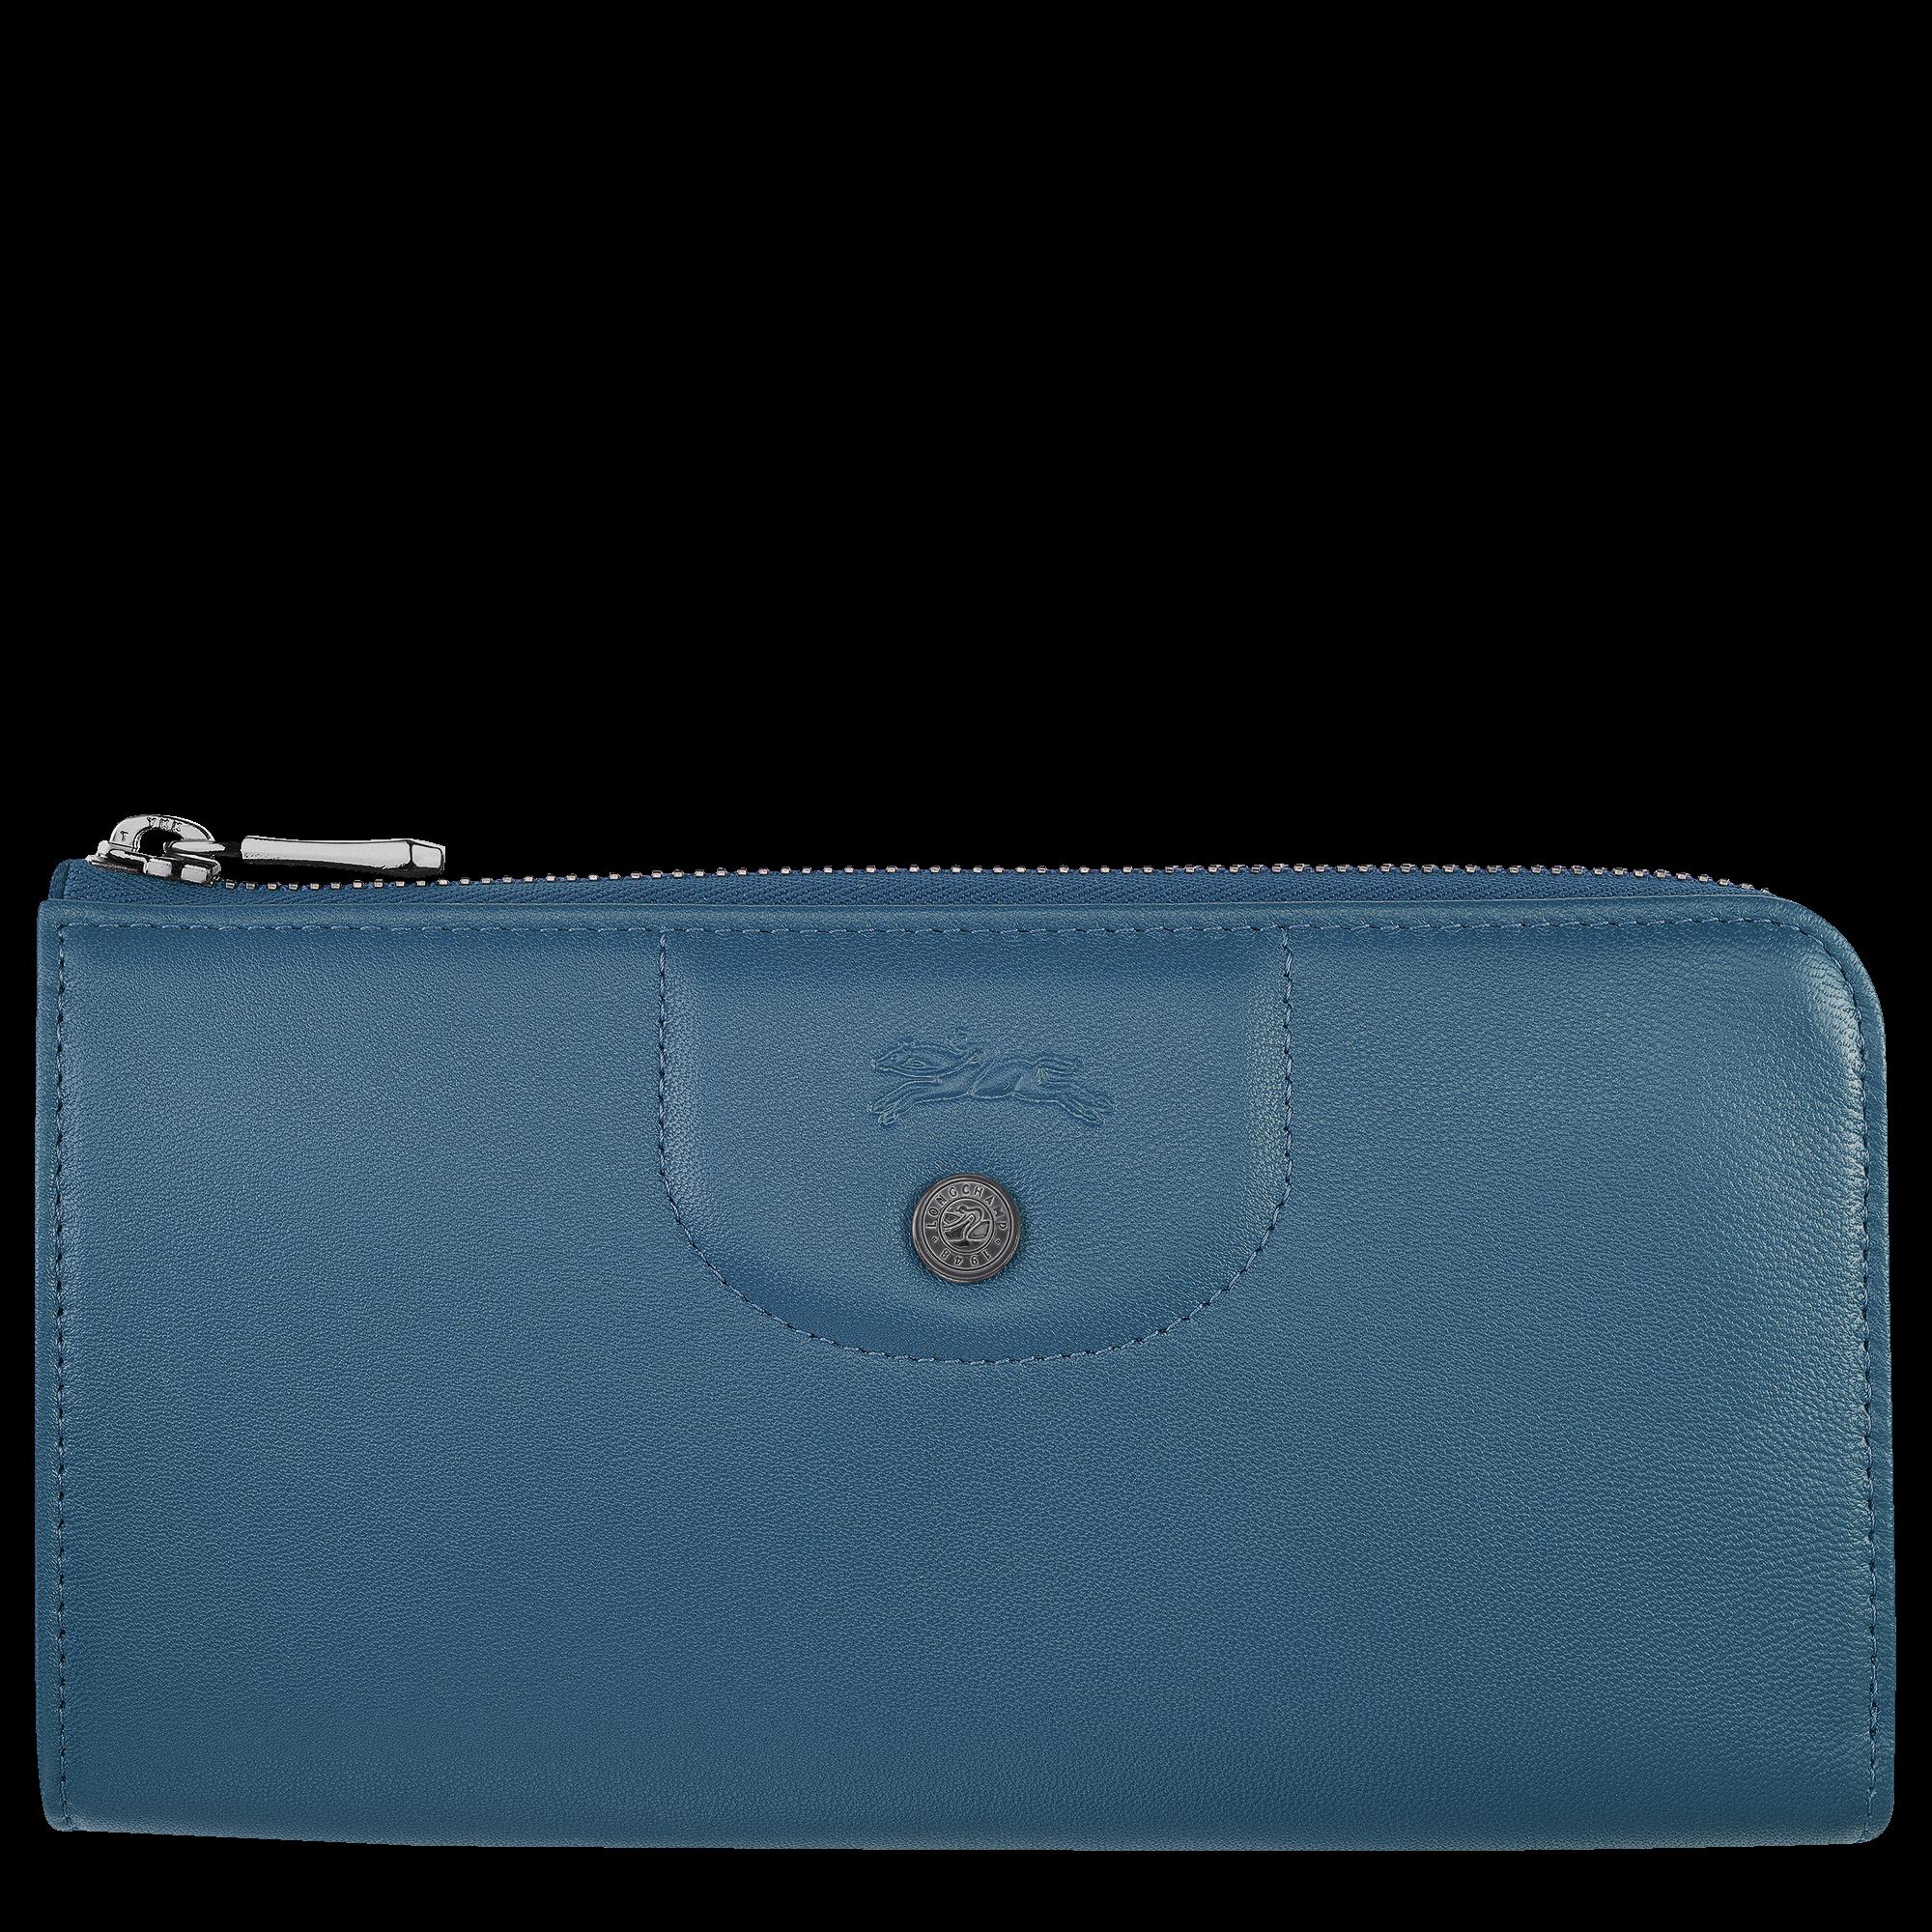 50代女性にオススメ「ロンシャン」の長財布